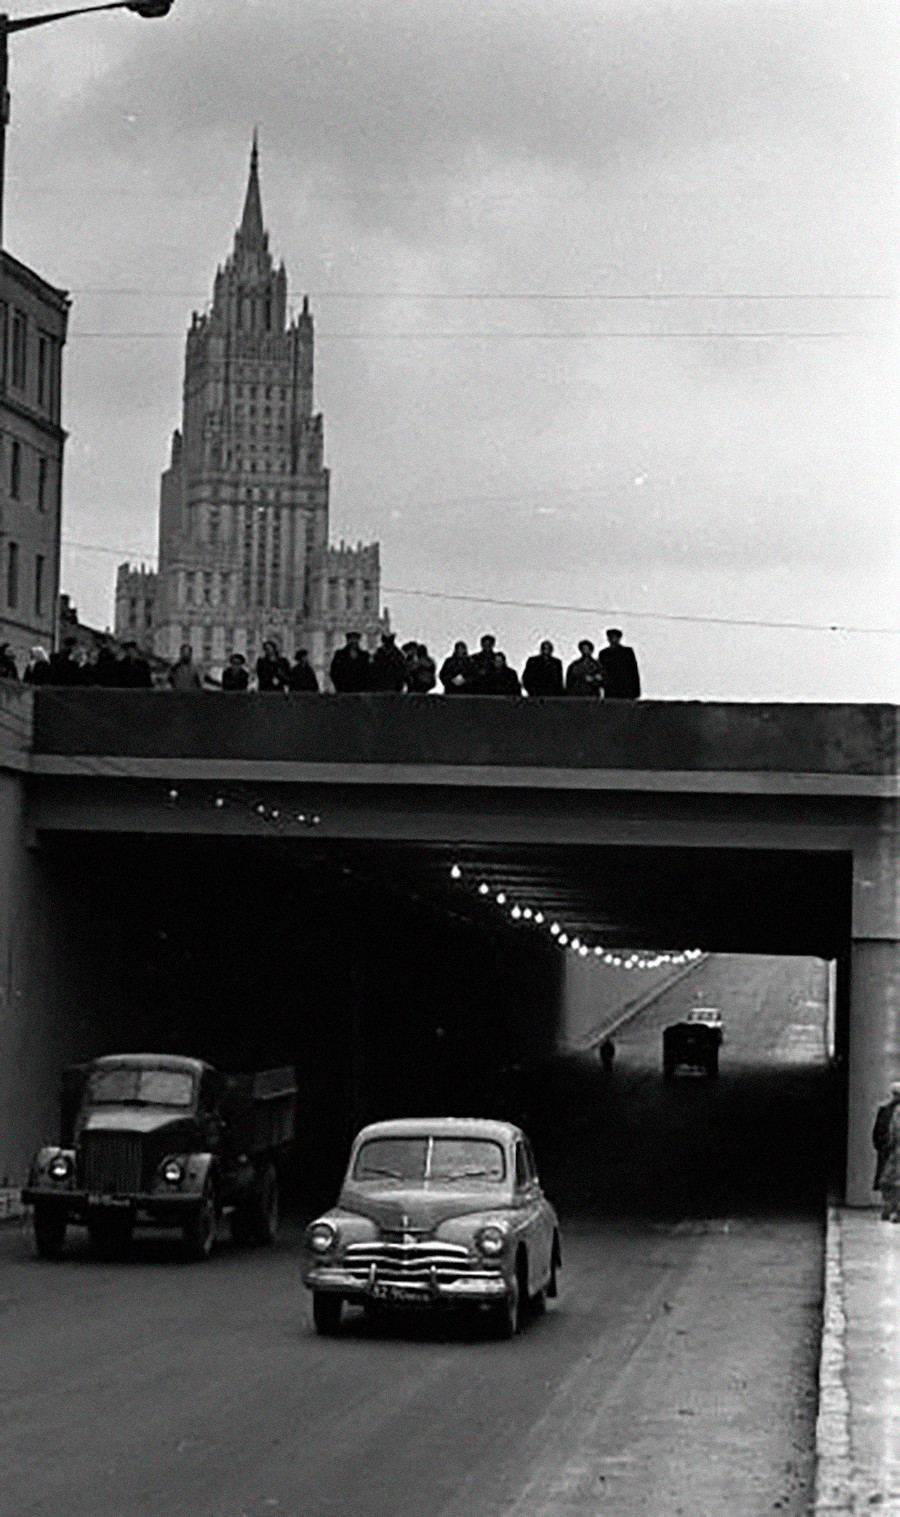 モスクワは交通量が増え、新しいインターチェンジもできた。サドーヴォエ(庭園)環状道路のトンネル。背後にはスターリン建築の「七姉妹」の一つ、外務省の建物が見える